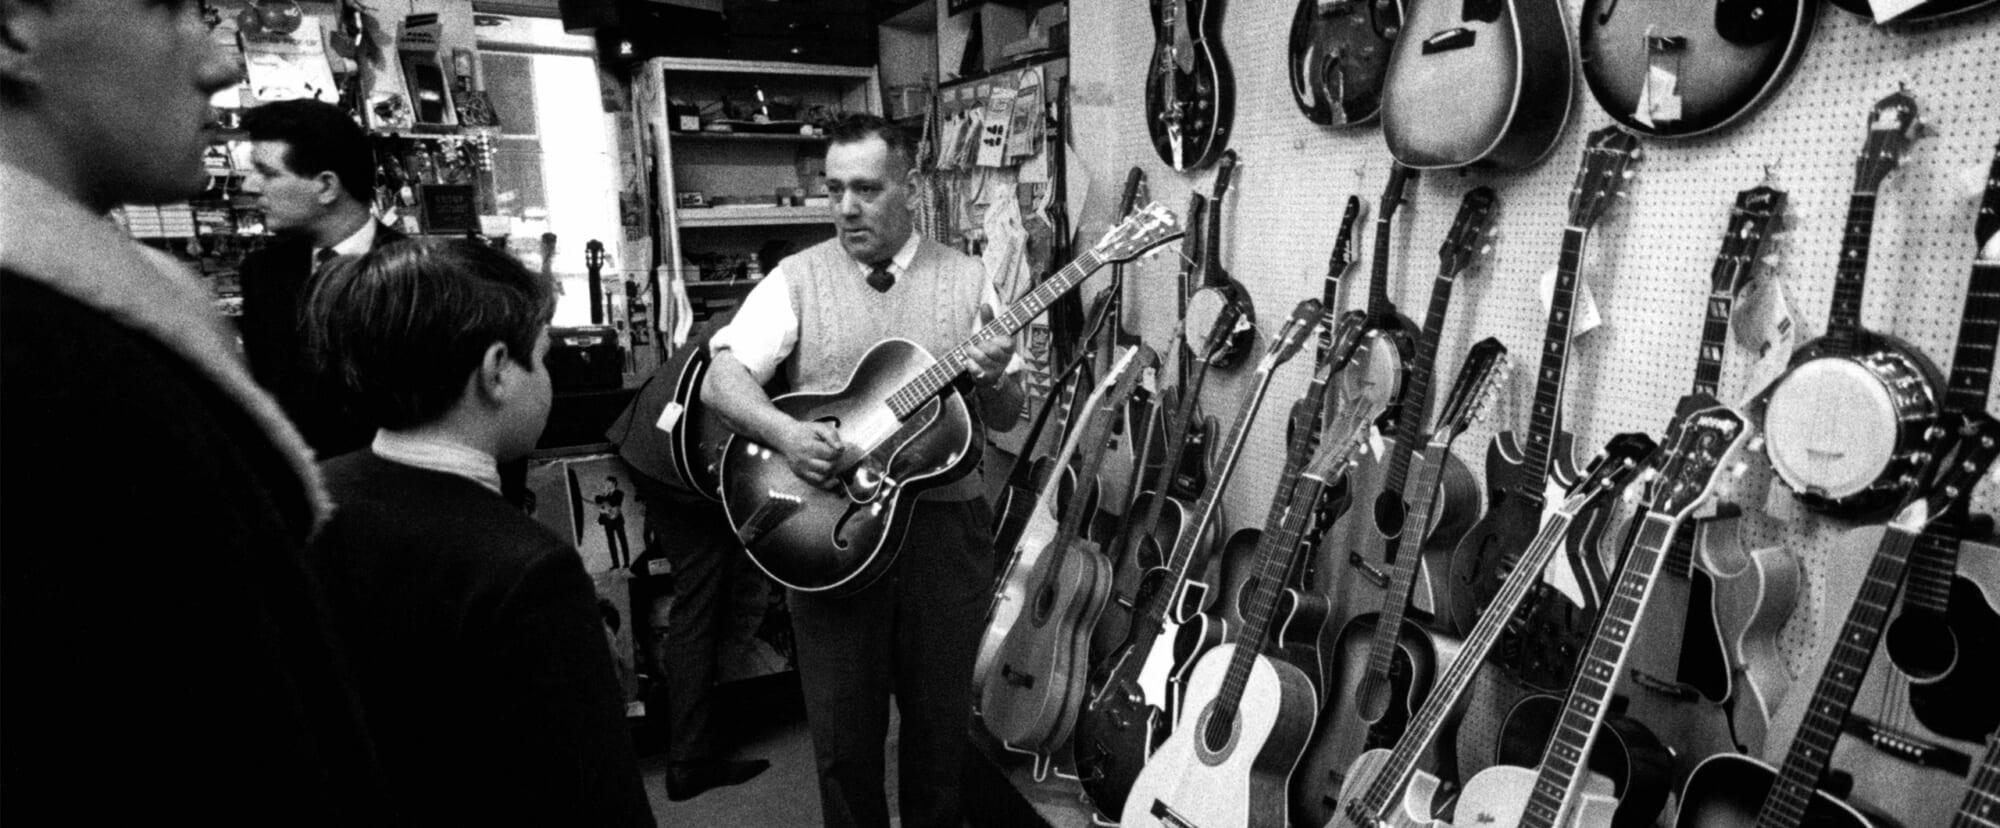 プロ・ギタリストが教えるドヤ顔・試奏フレーズ集。